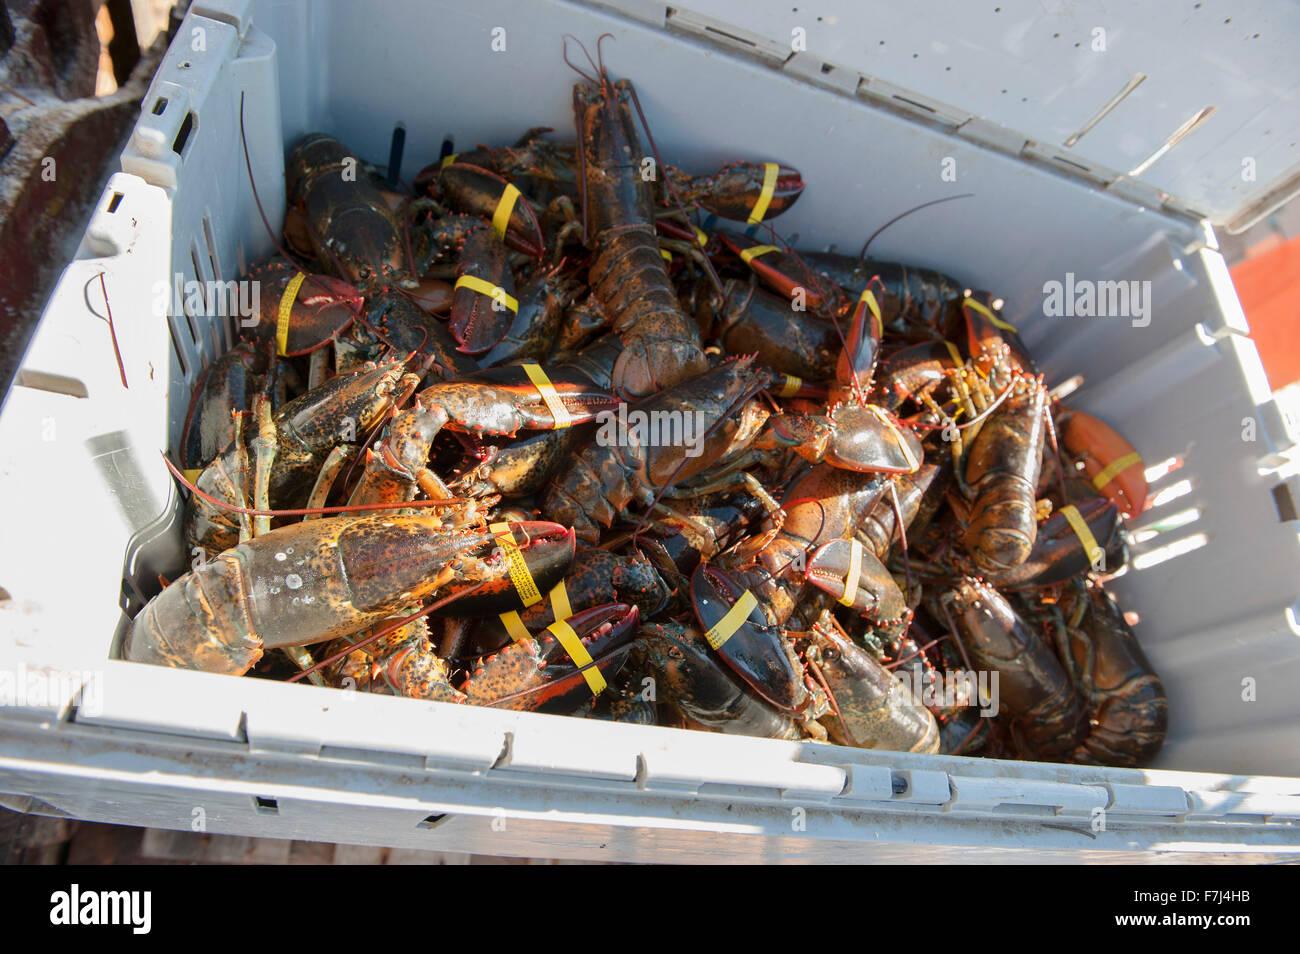 Les homards fraîchement pêchés dans le récipient Banque D'Images